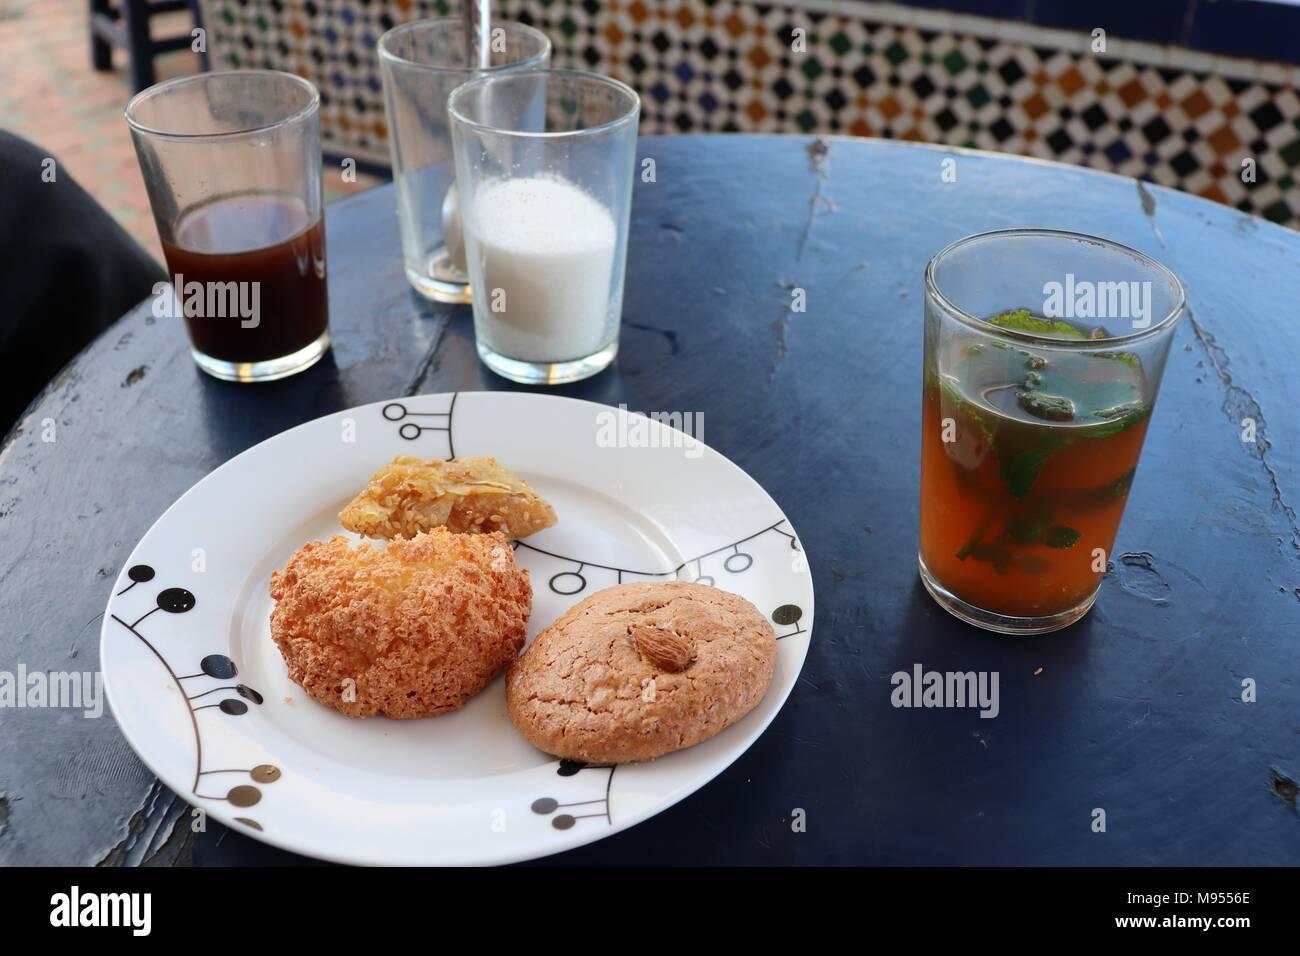 Ein Glas Kaffee, ein Glas Pfefferminztee und eine ganze Menge Zucker mit dem Gebäck in Marokko zu gehen Stockbild